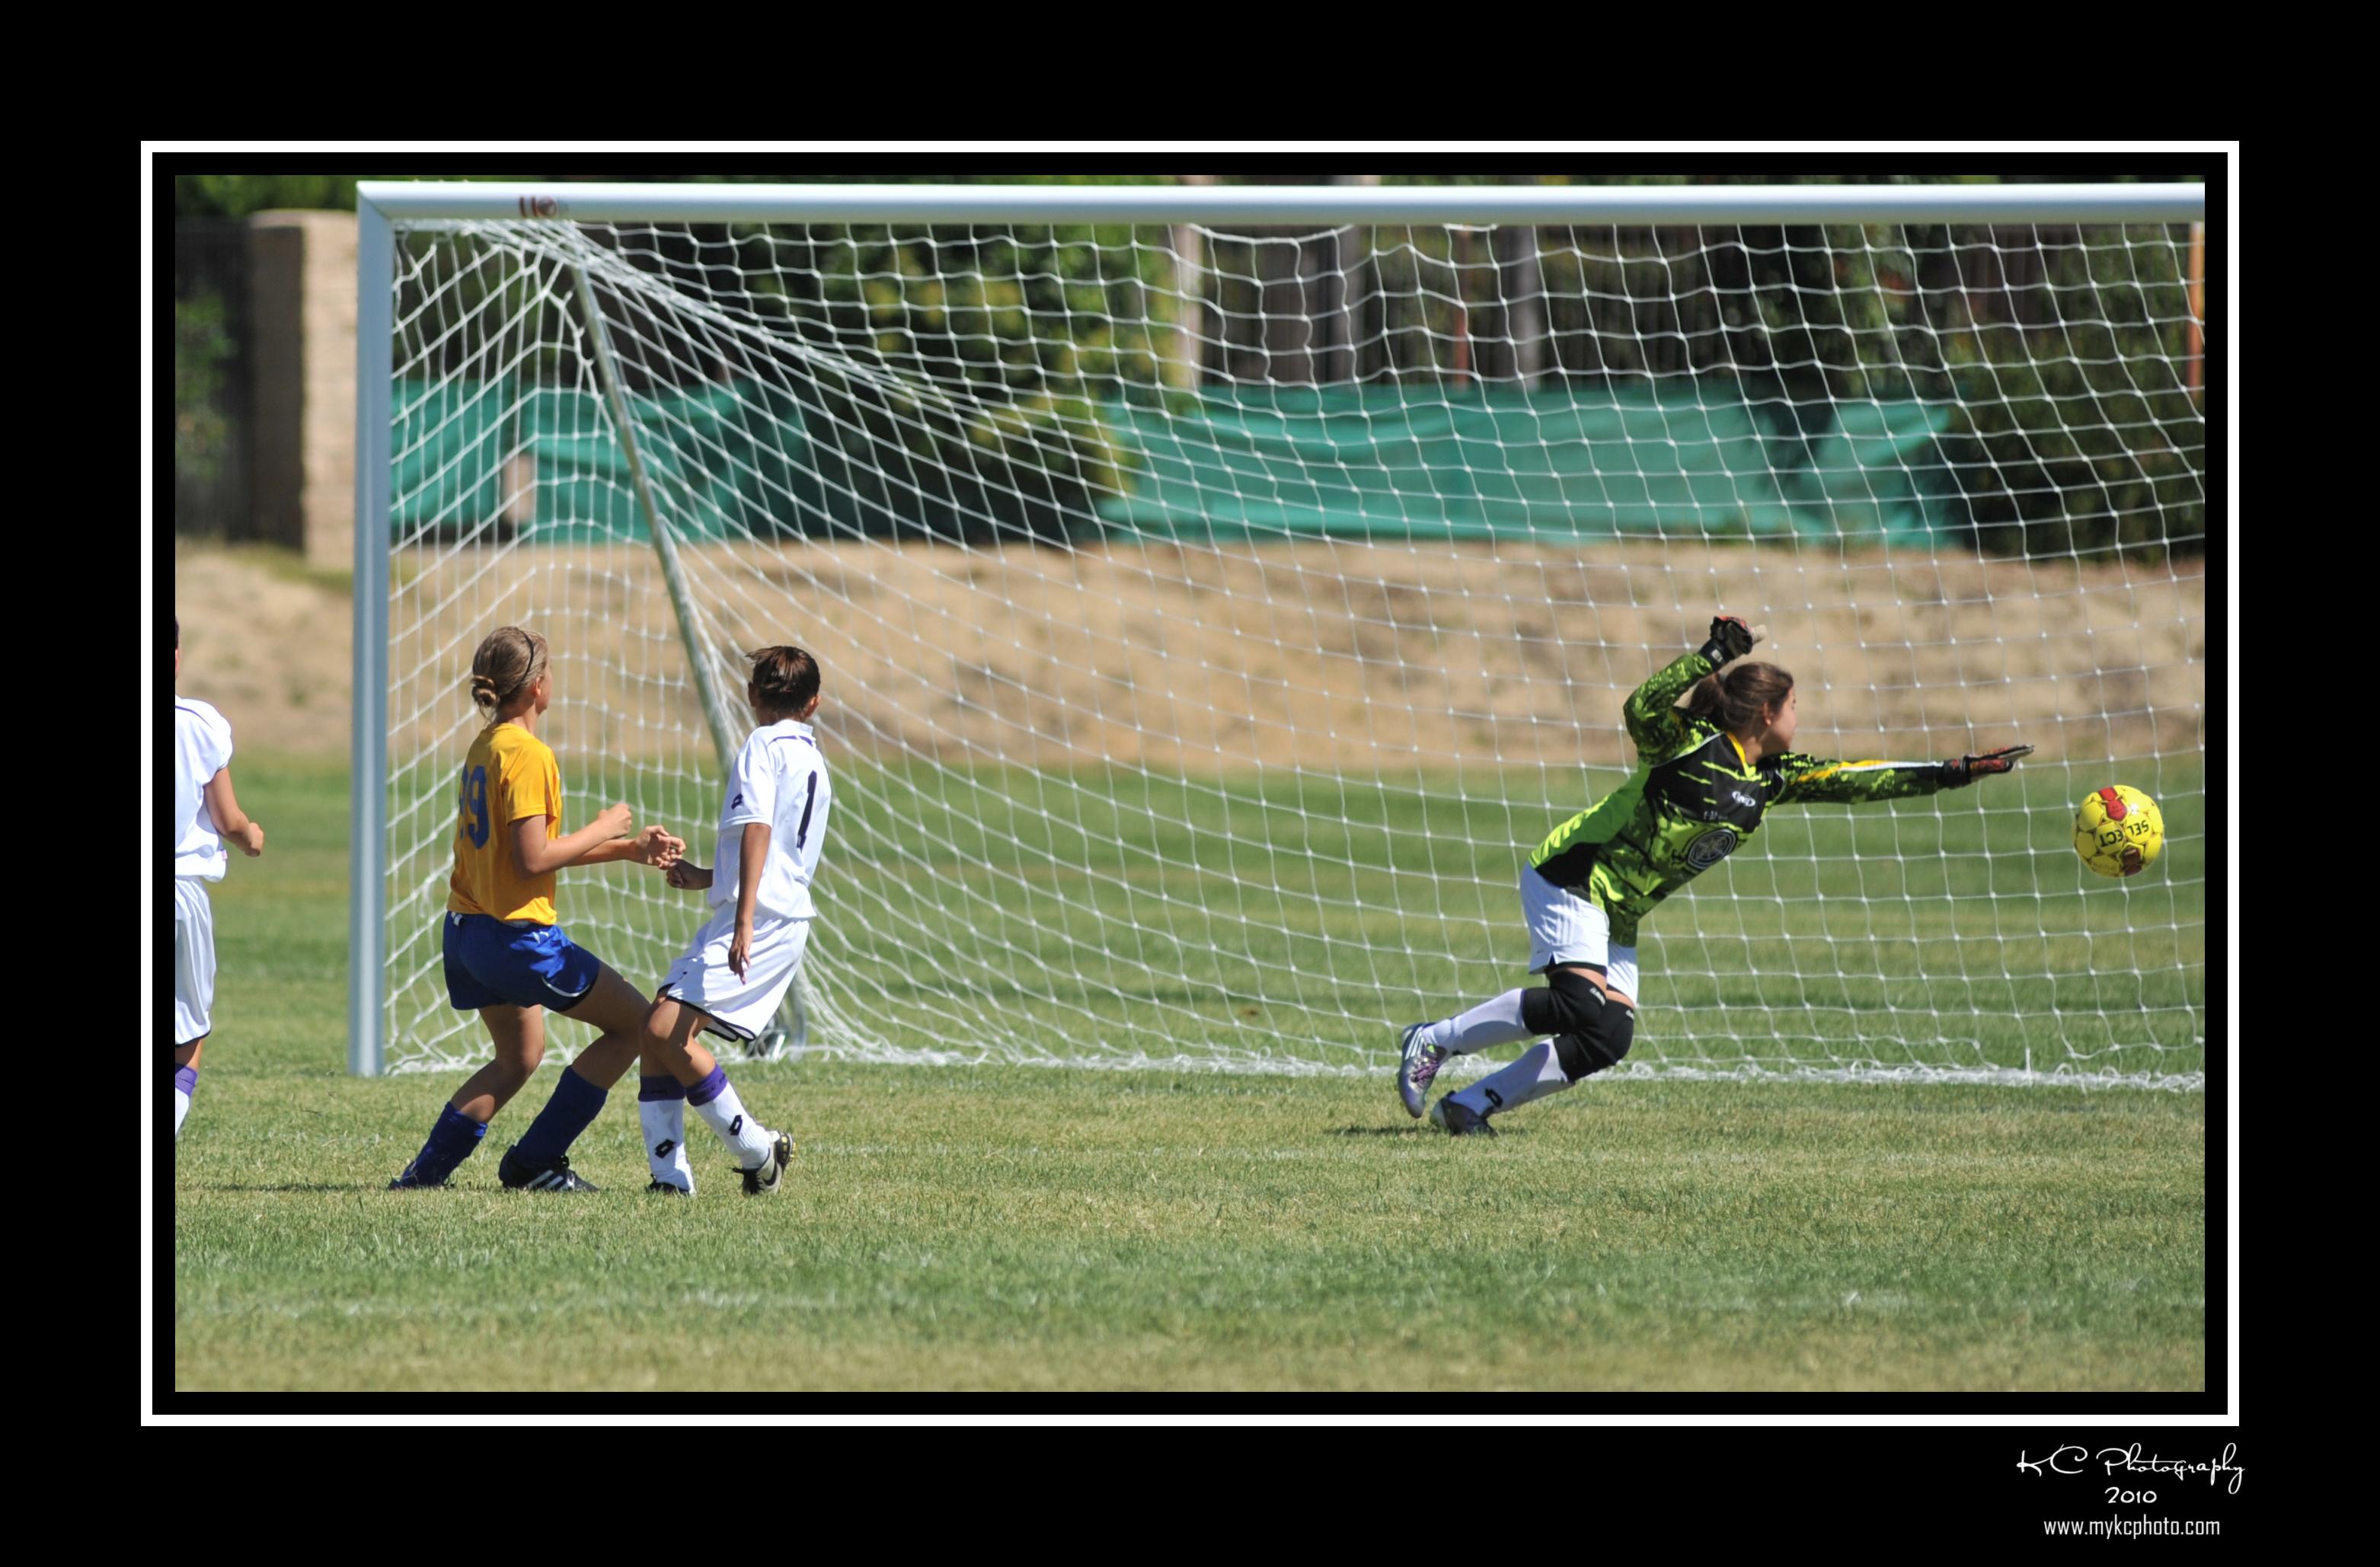 Soccer Action Shot